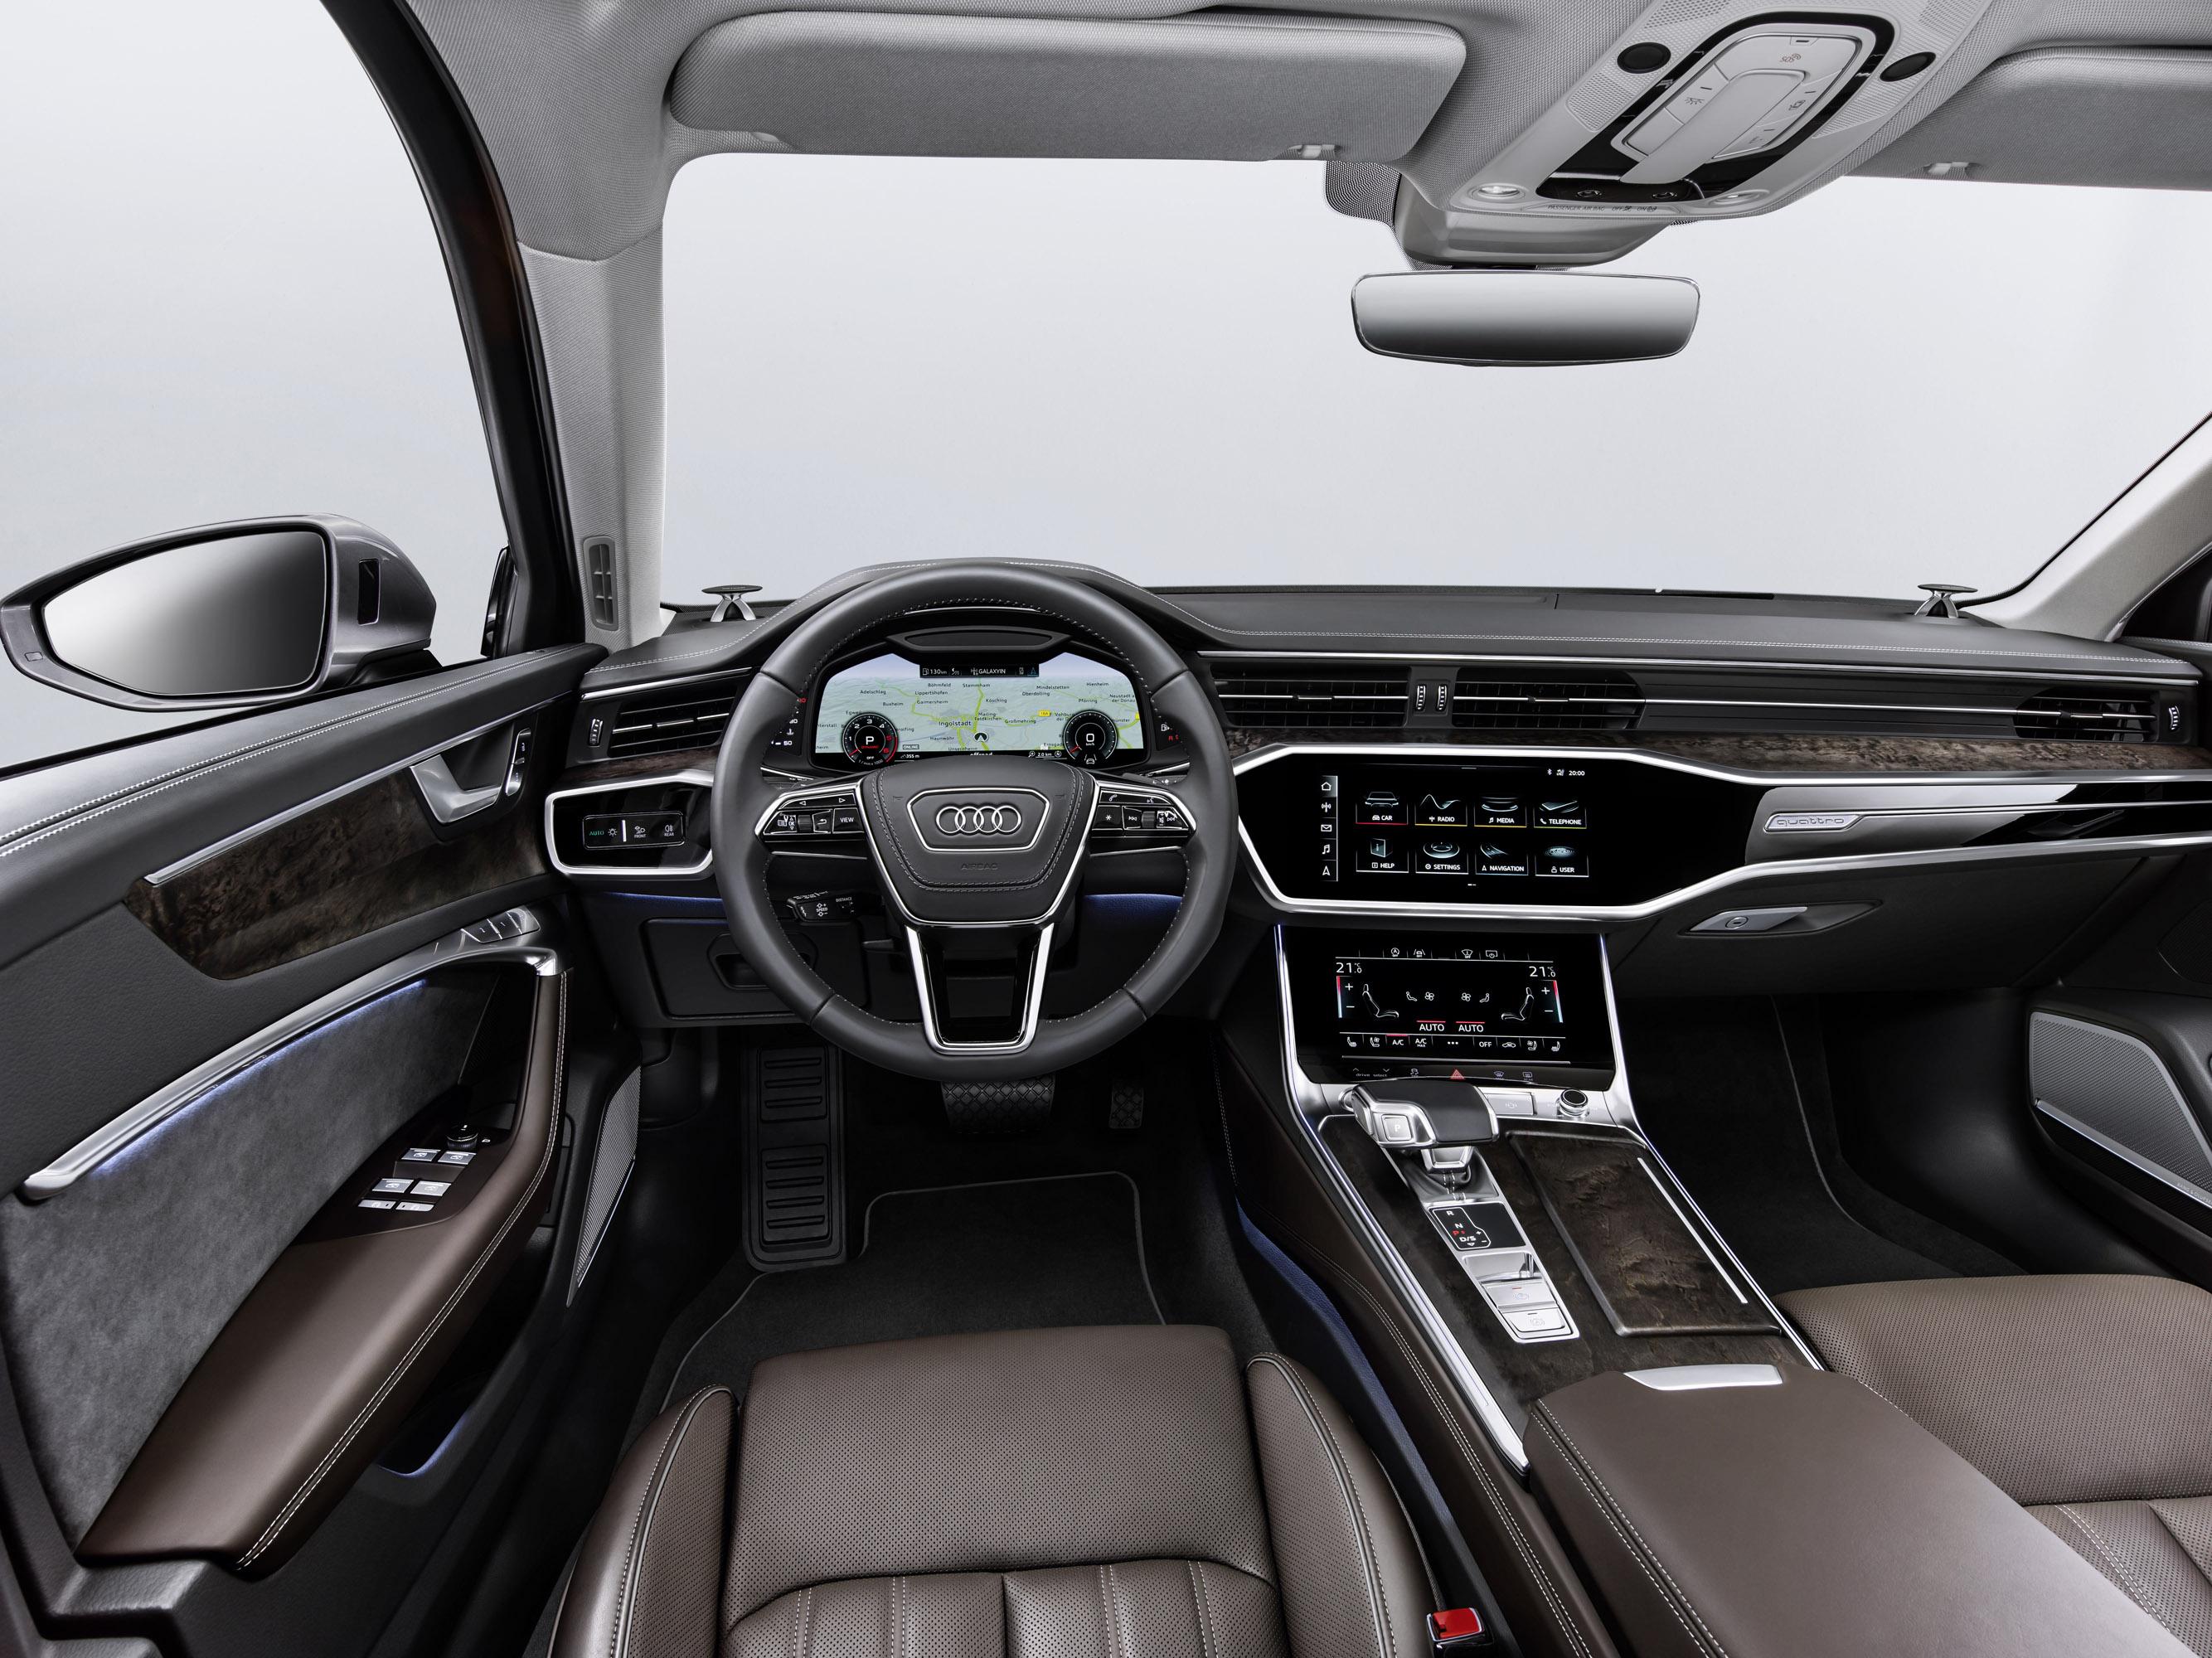 2019 Audi A6 собирается дебютировать в США на Международном автосалоне в Нью-Йорке.